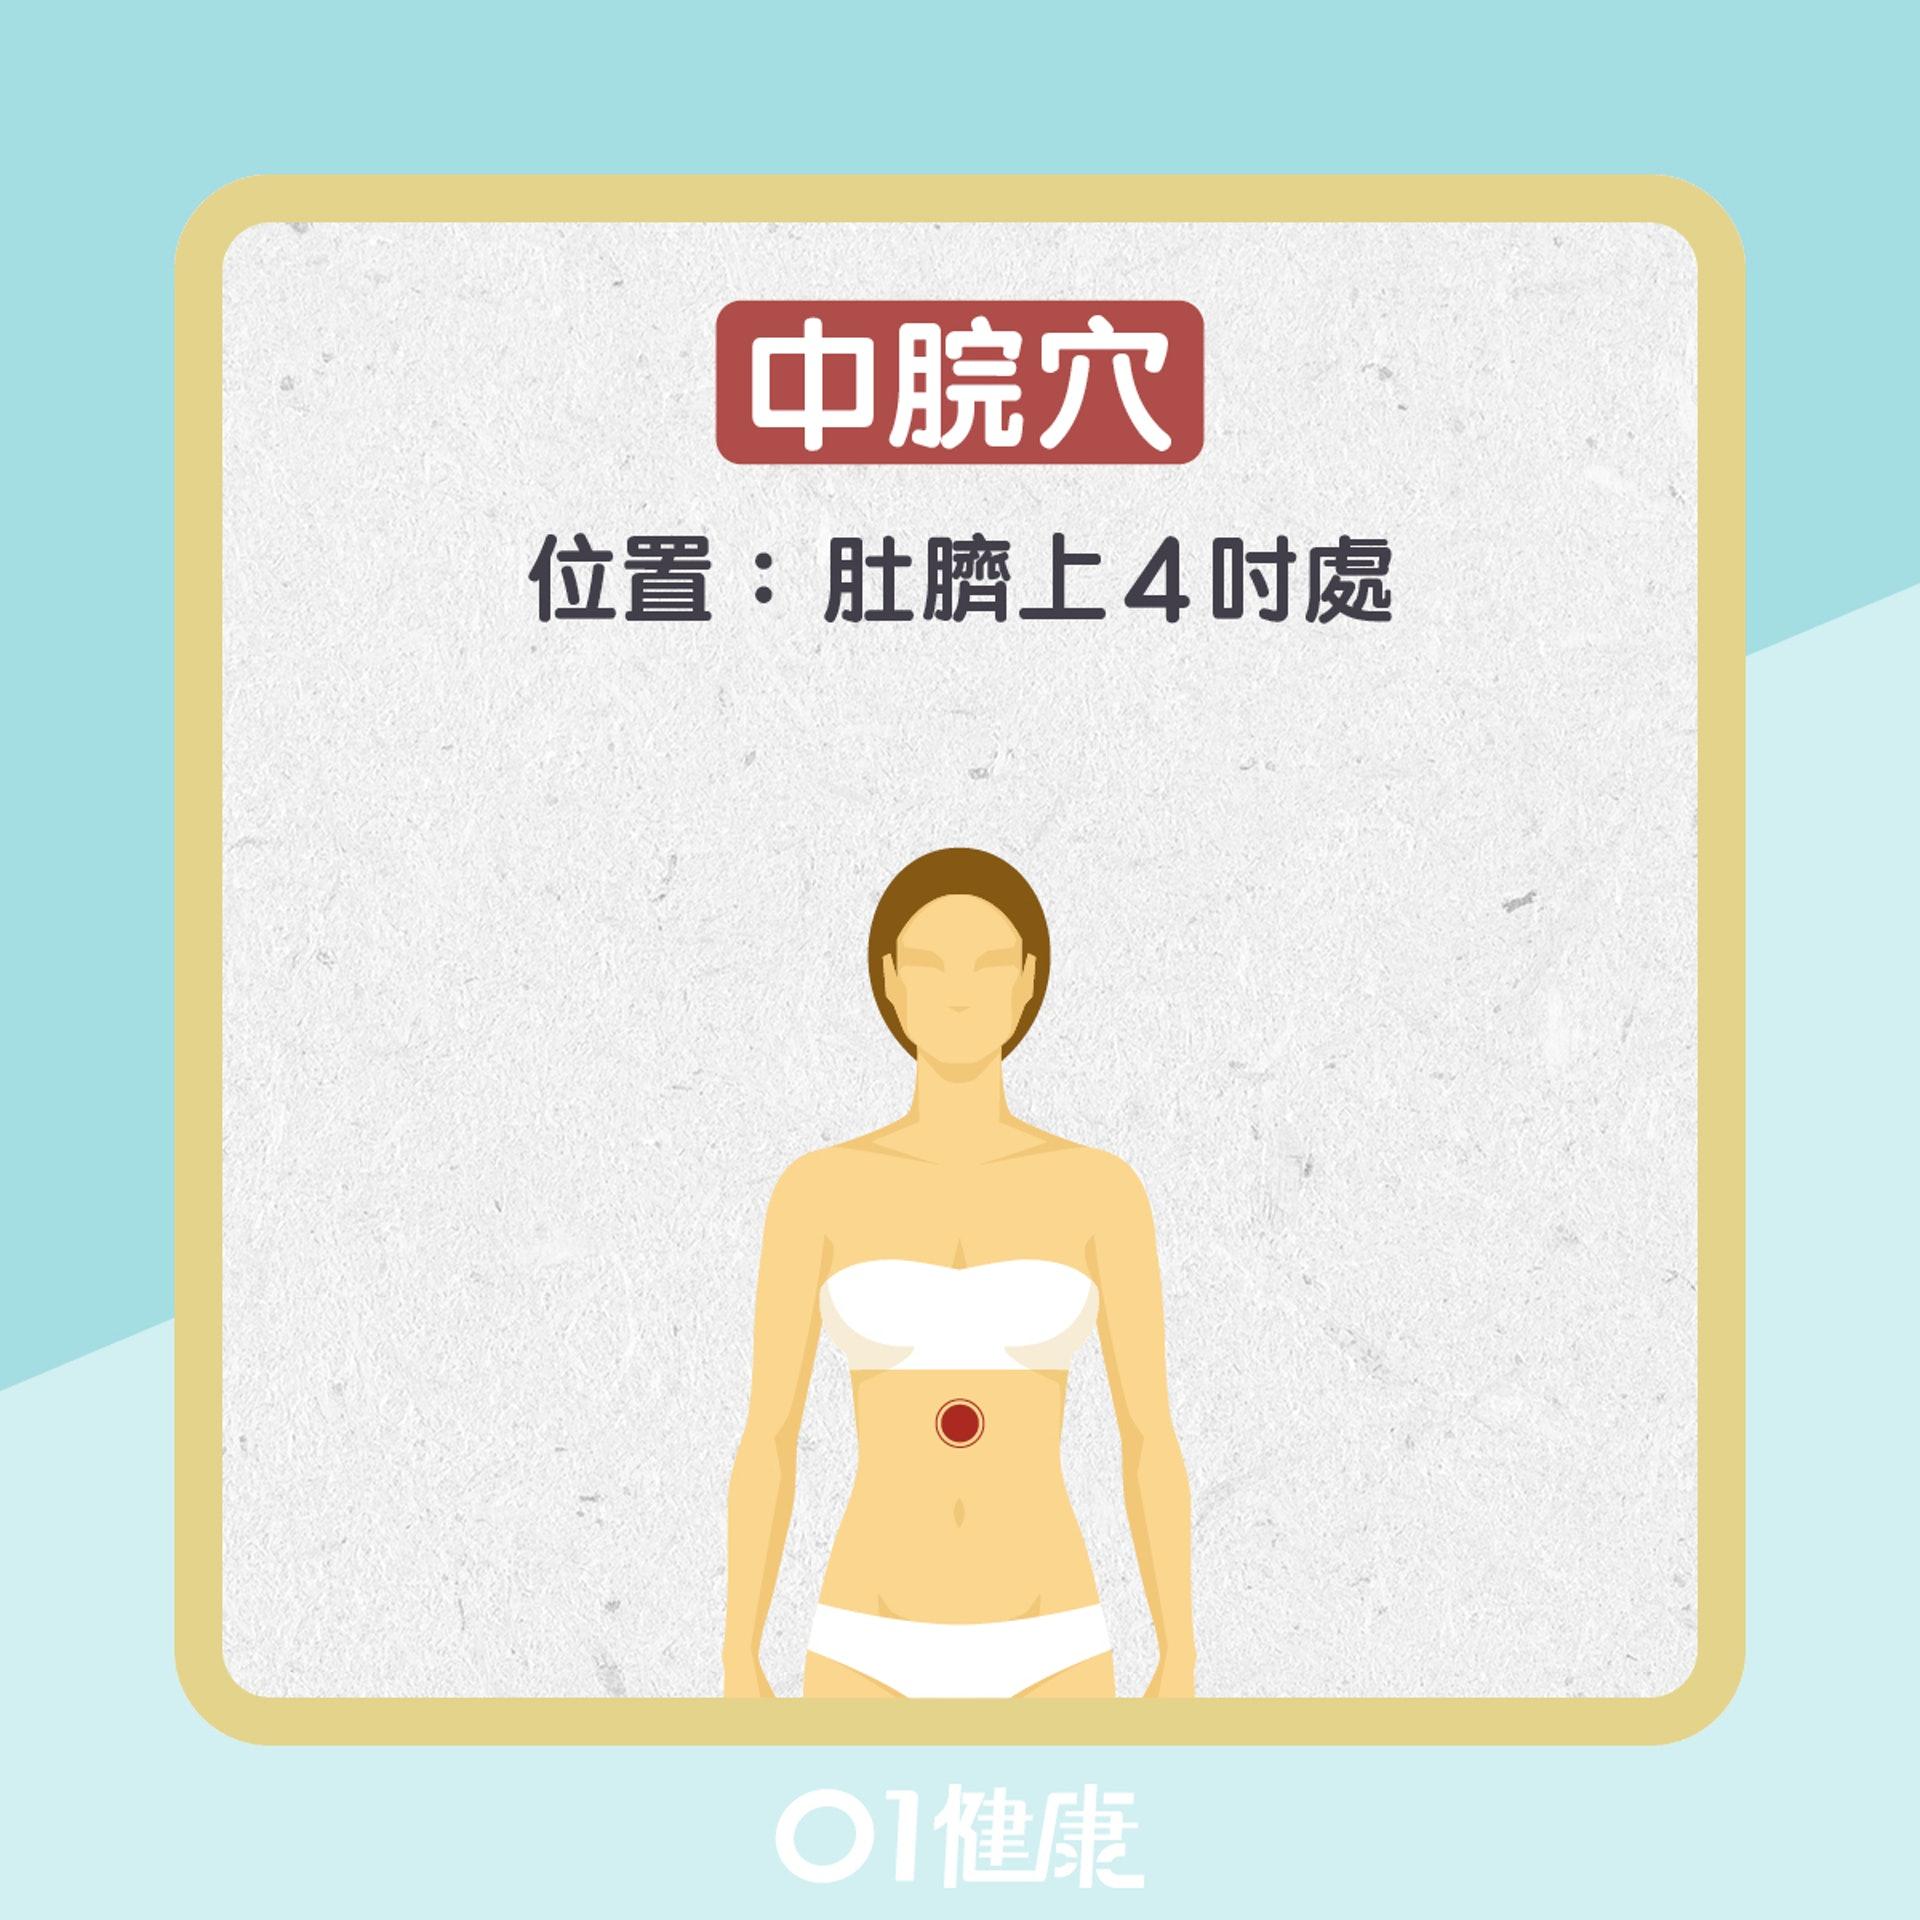 改善胃寒的常用穴位(01製圖)